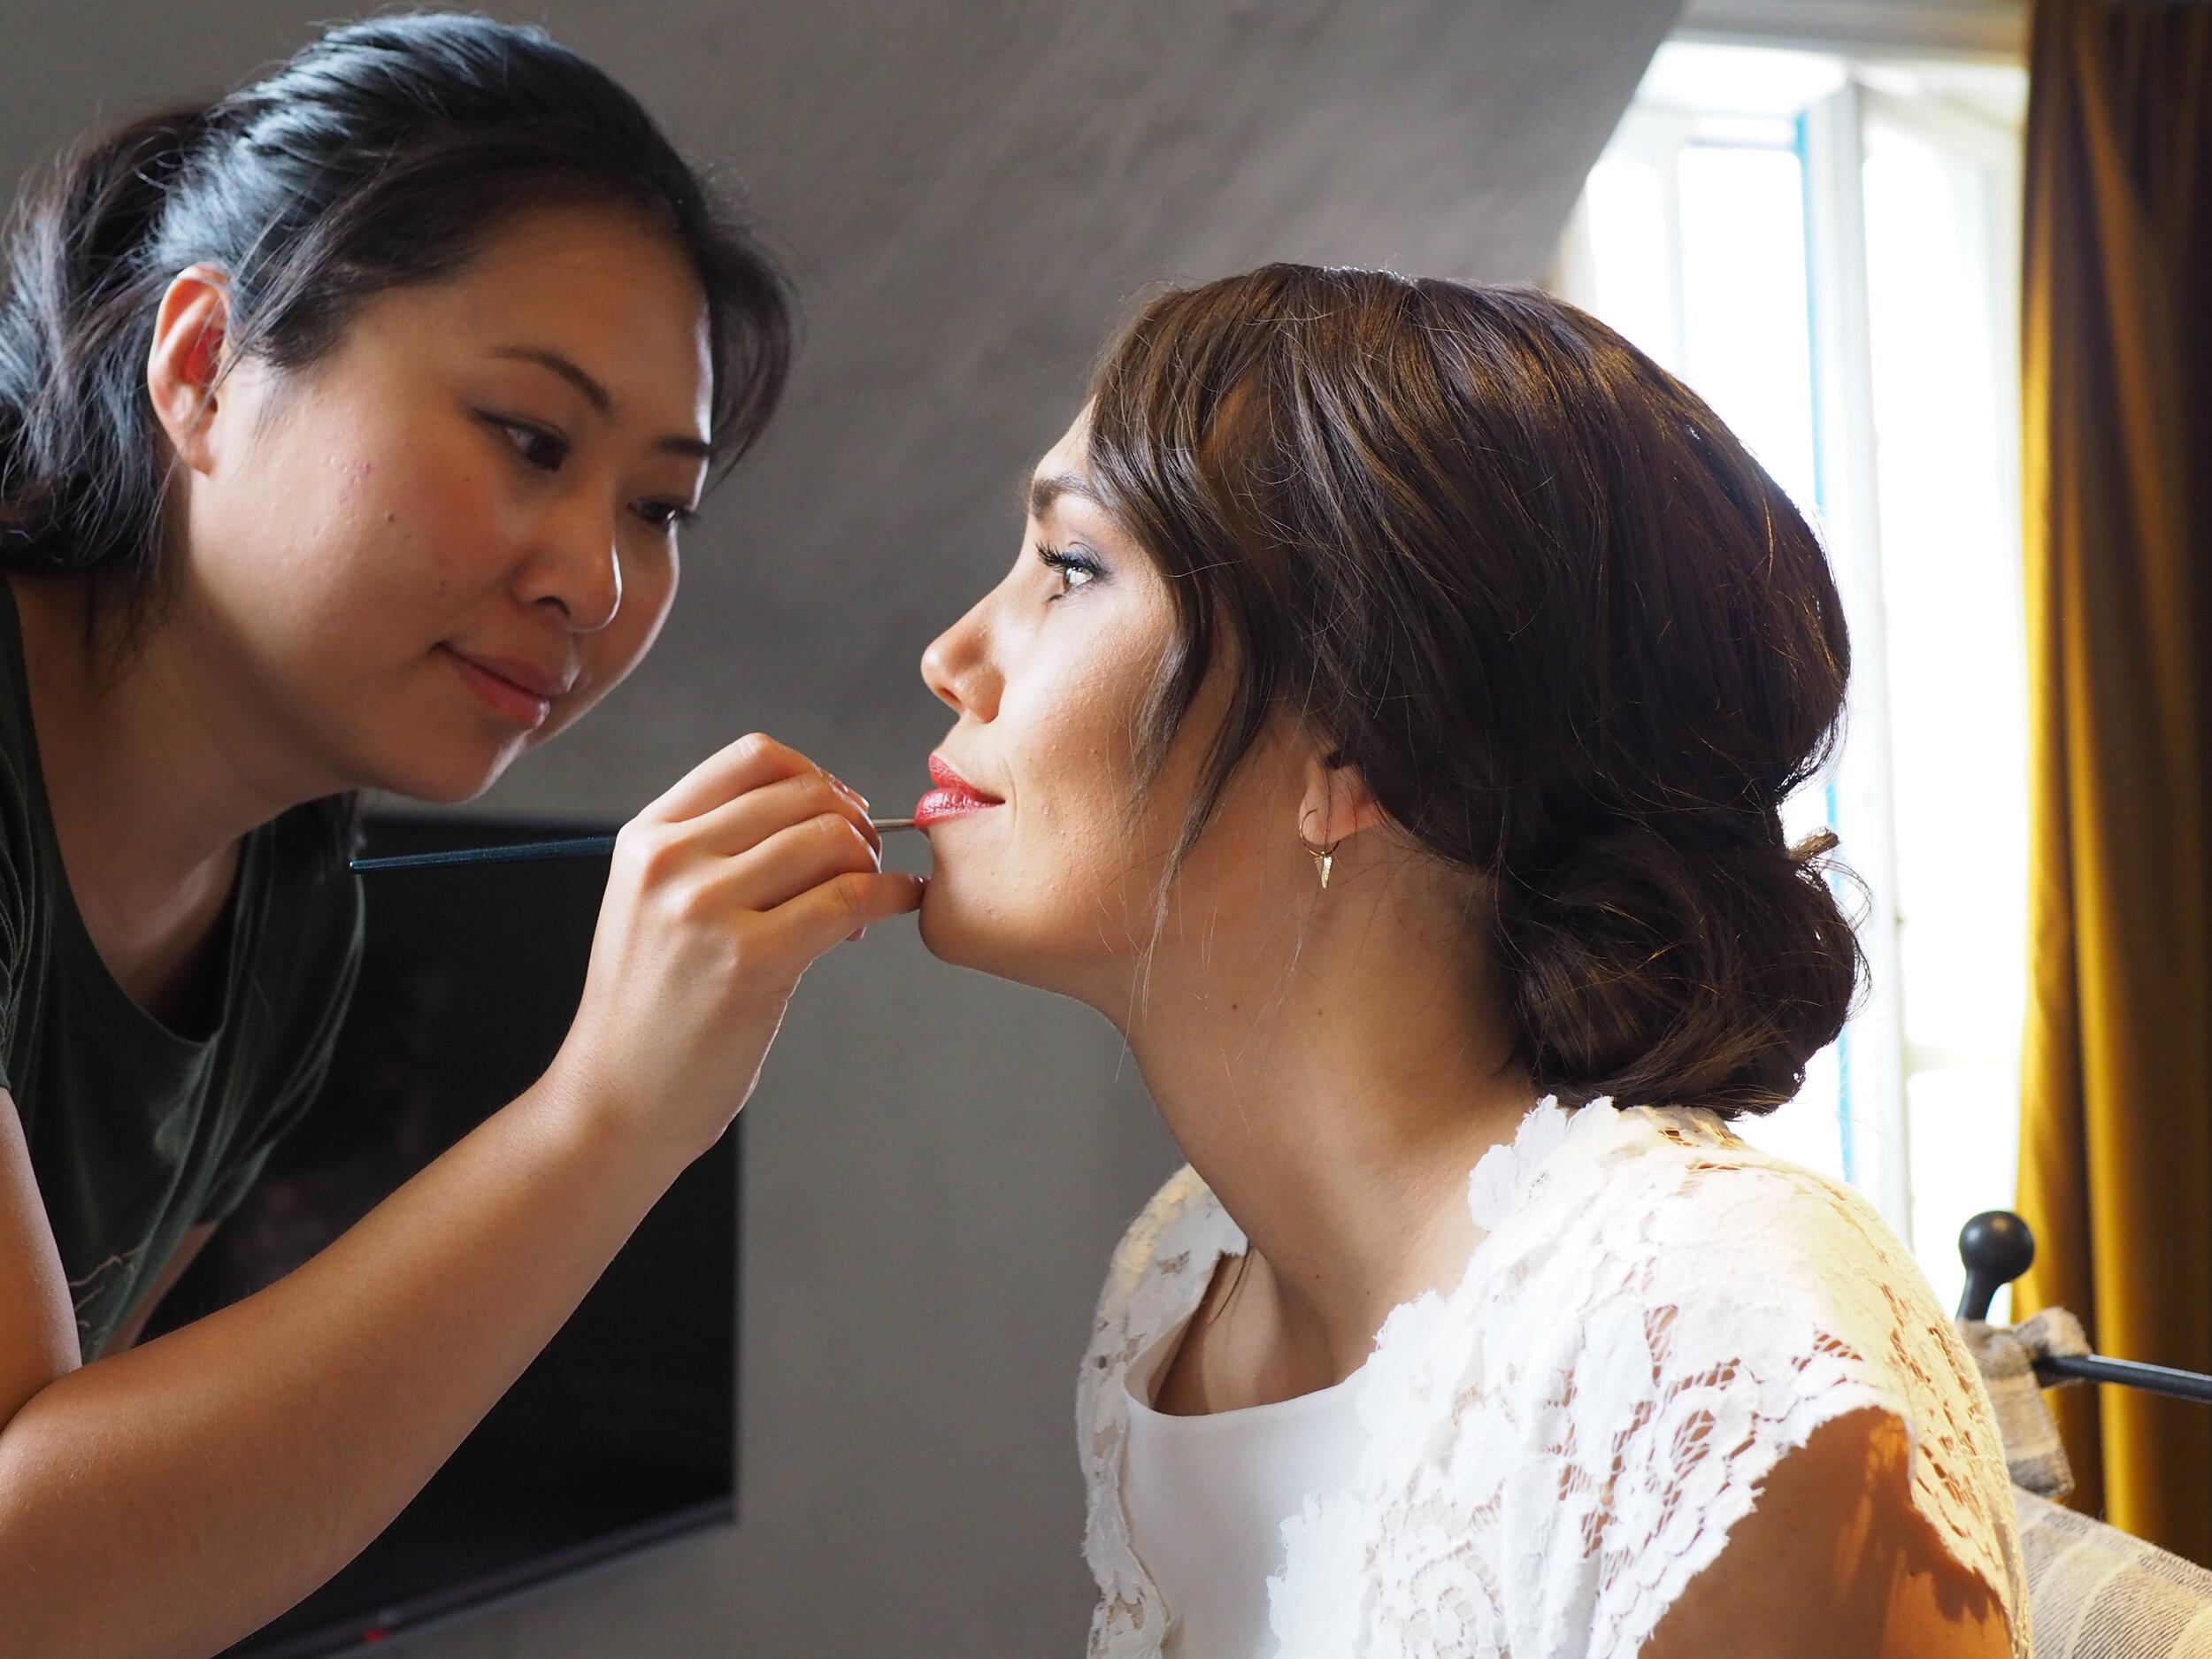 2astylisten och världens bästa Lina (  hitta hennes hemsida här ) lägger på läppar medan jag pysslar i håret på nästa tärna